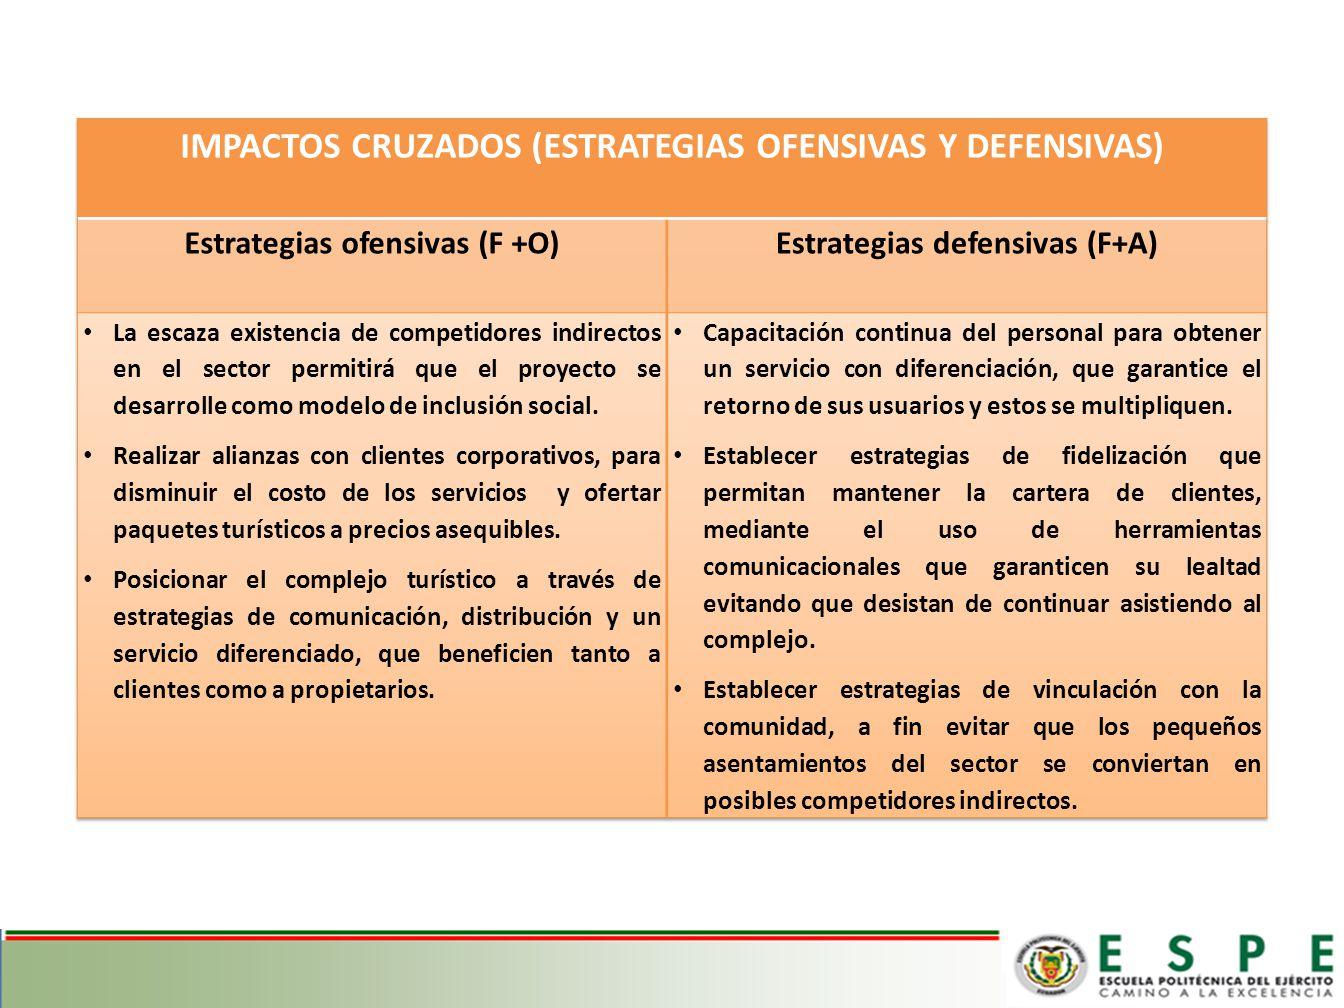 IMPACTOS CRUZADOS (ESTRATEGIAS OFENSIVAS Y DEFENSIVAS)